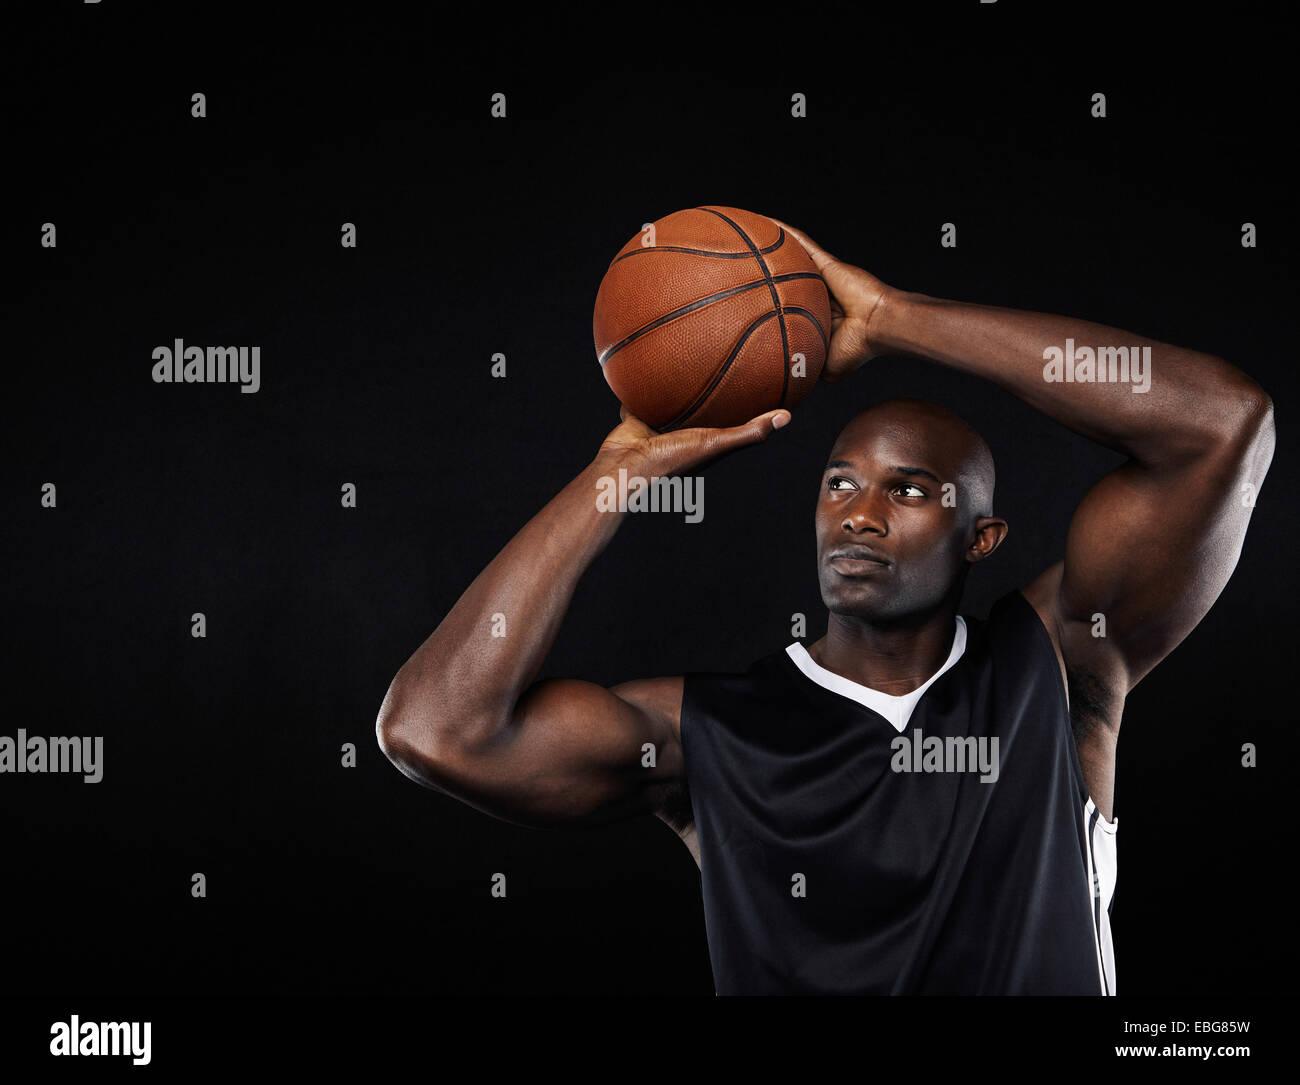 Young African American männliche Basketball-Spieler schießen auf den Reifen auf schwarzen Hintergrund Stockbild